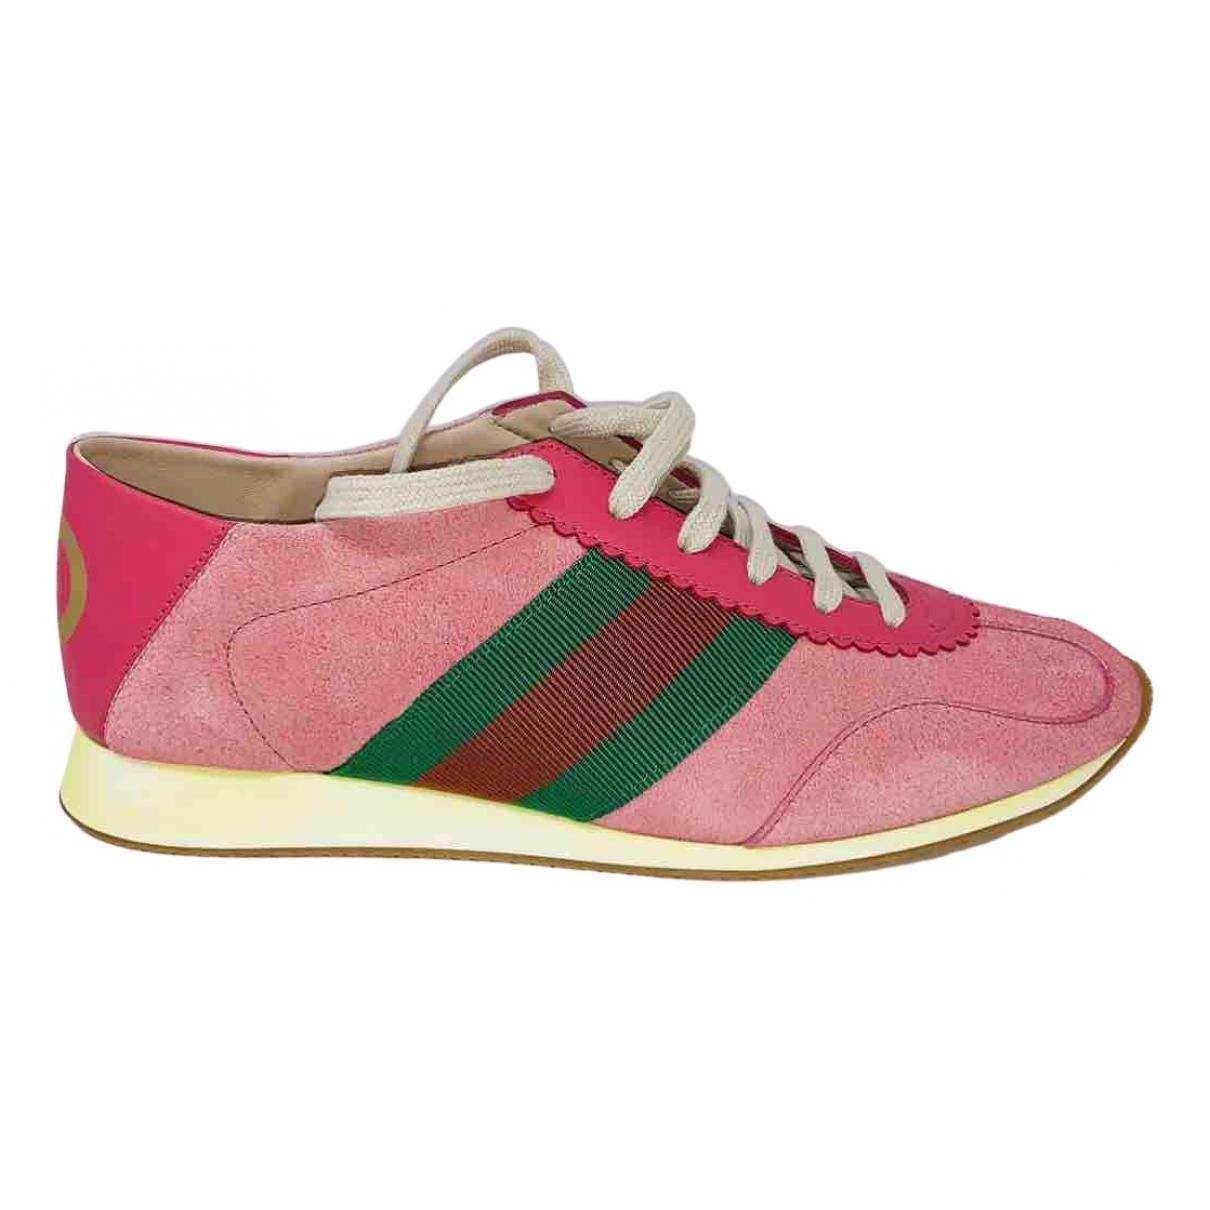 Gucci - Baskets   pour femme en suede - rose